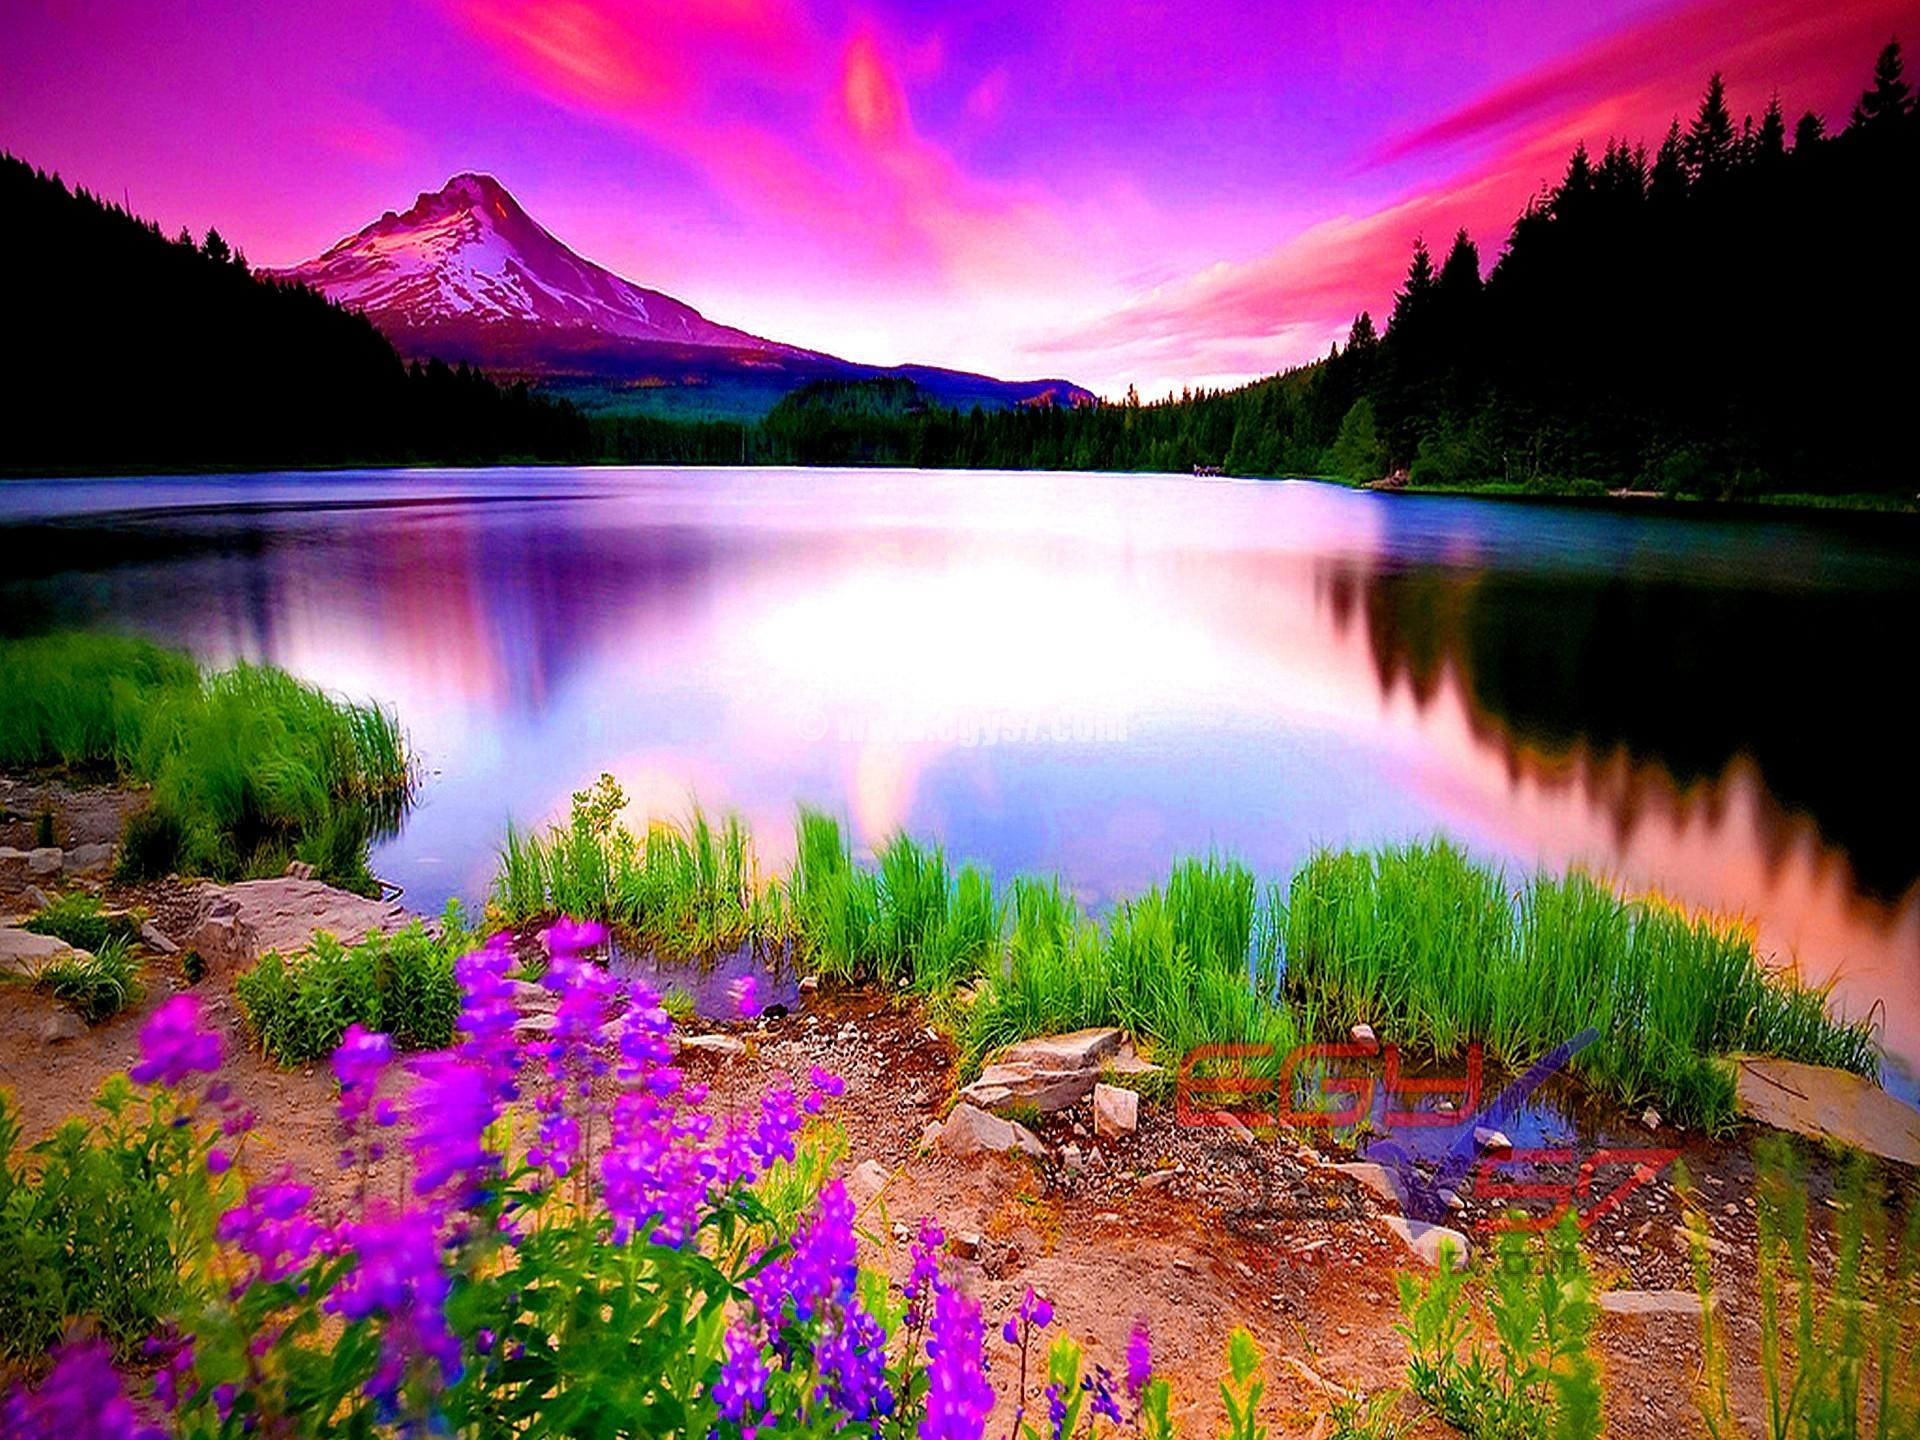 بالصور صور عن الطبيعة , مناظر طبيعيه خلابه 4410 36